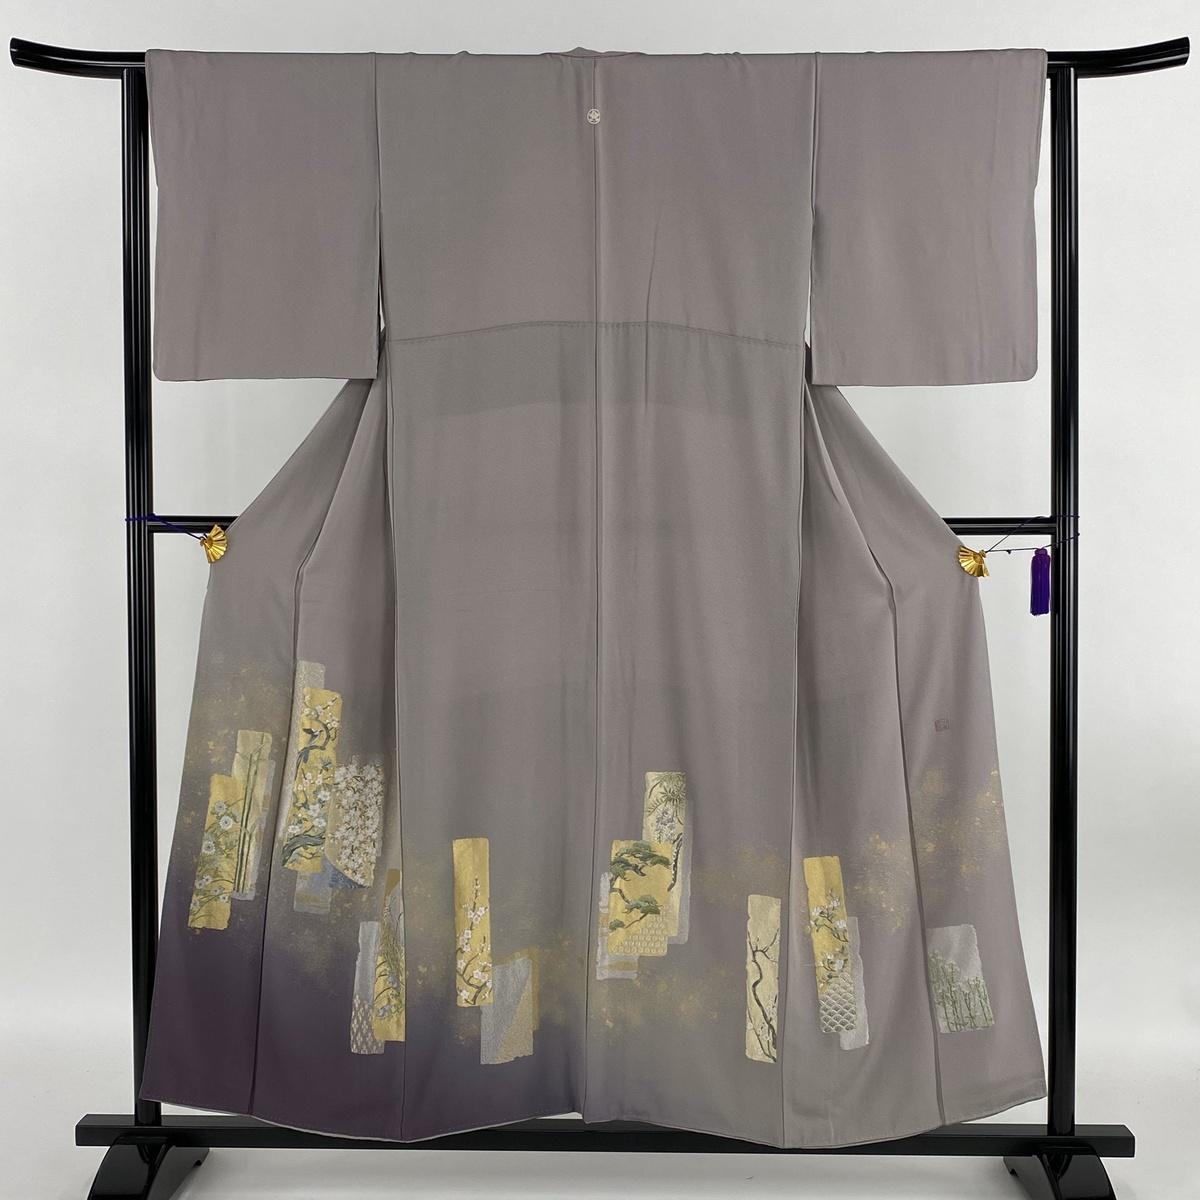 色留袖 美品 逸品 落款あり 山口美術織物 一つ紋 短冊 草花 刺繍 箔 薄紫 袷 身丈155cm 裄丈64cm M 正絹 【中古】